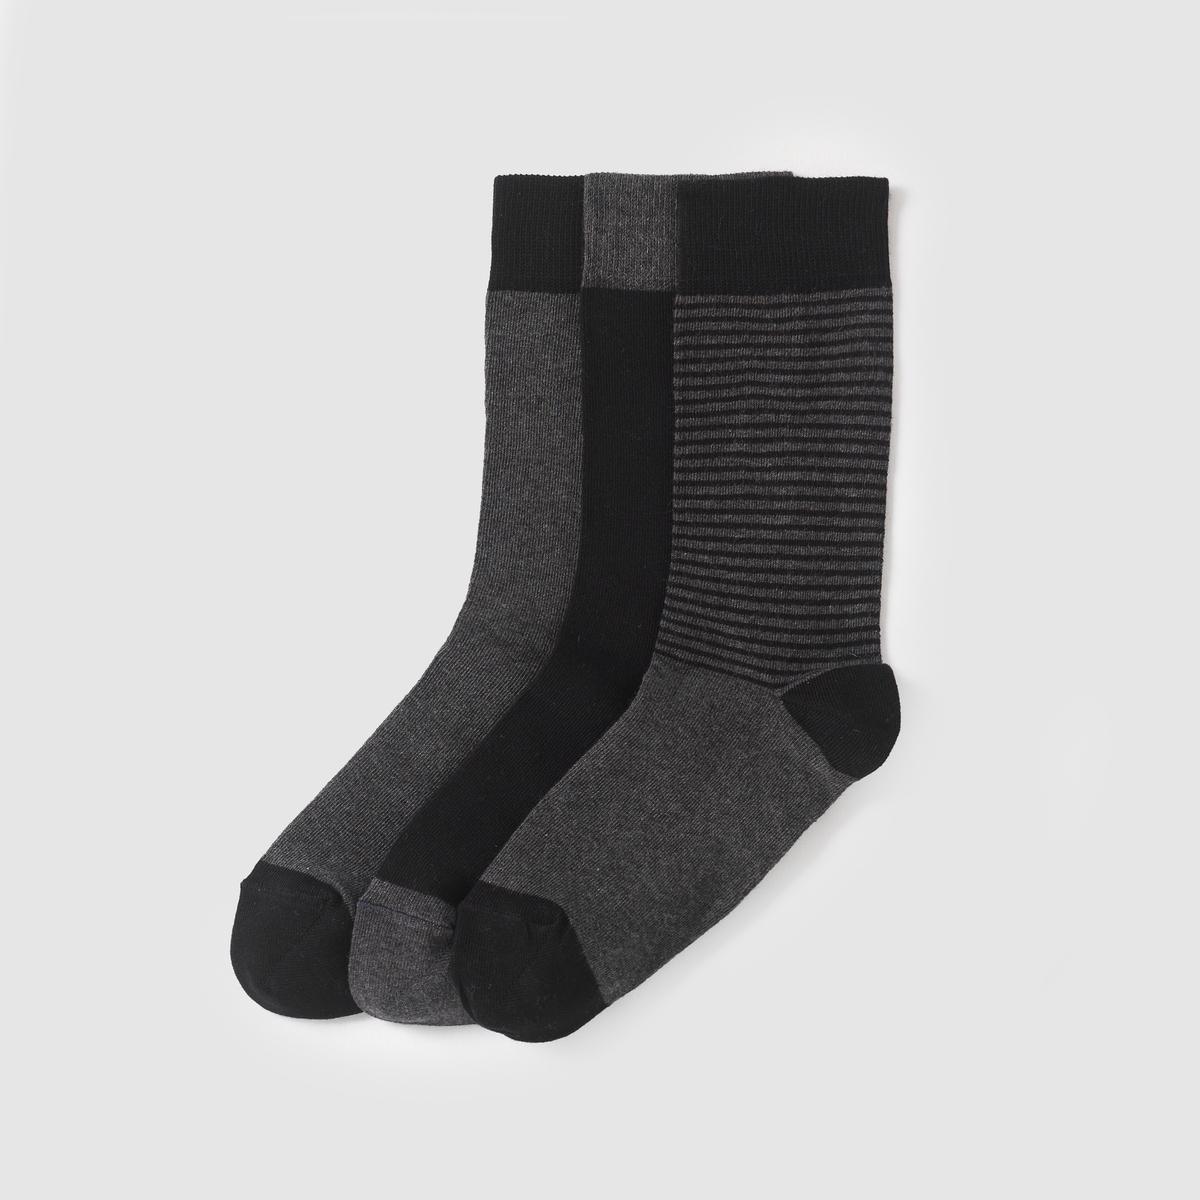 Комплект из 3 пар носковСостав и описание Материал : 80% хлопка, 17% полиамида, 3% эластана    Марка : R Essentiel.<br><br>Цвет: антрацит + черный,антрацит/бордовый